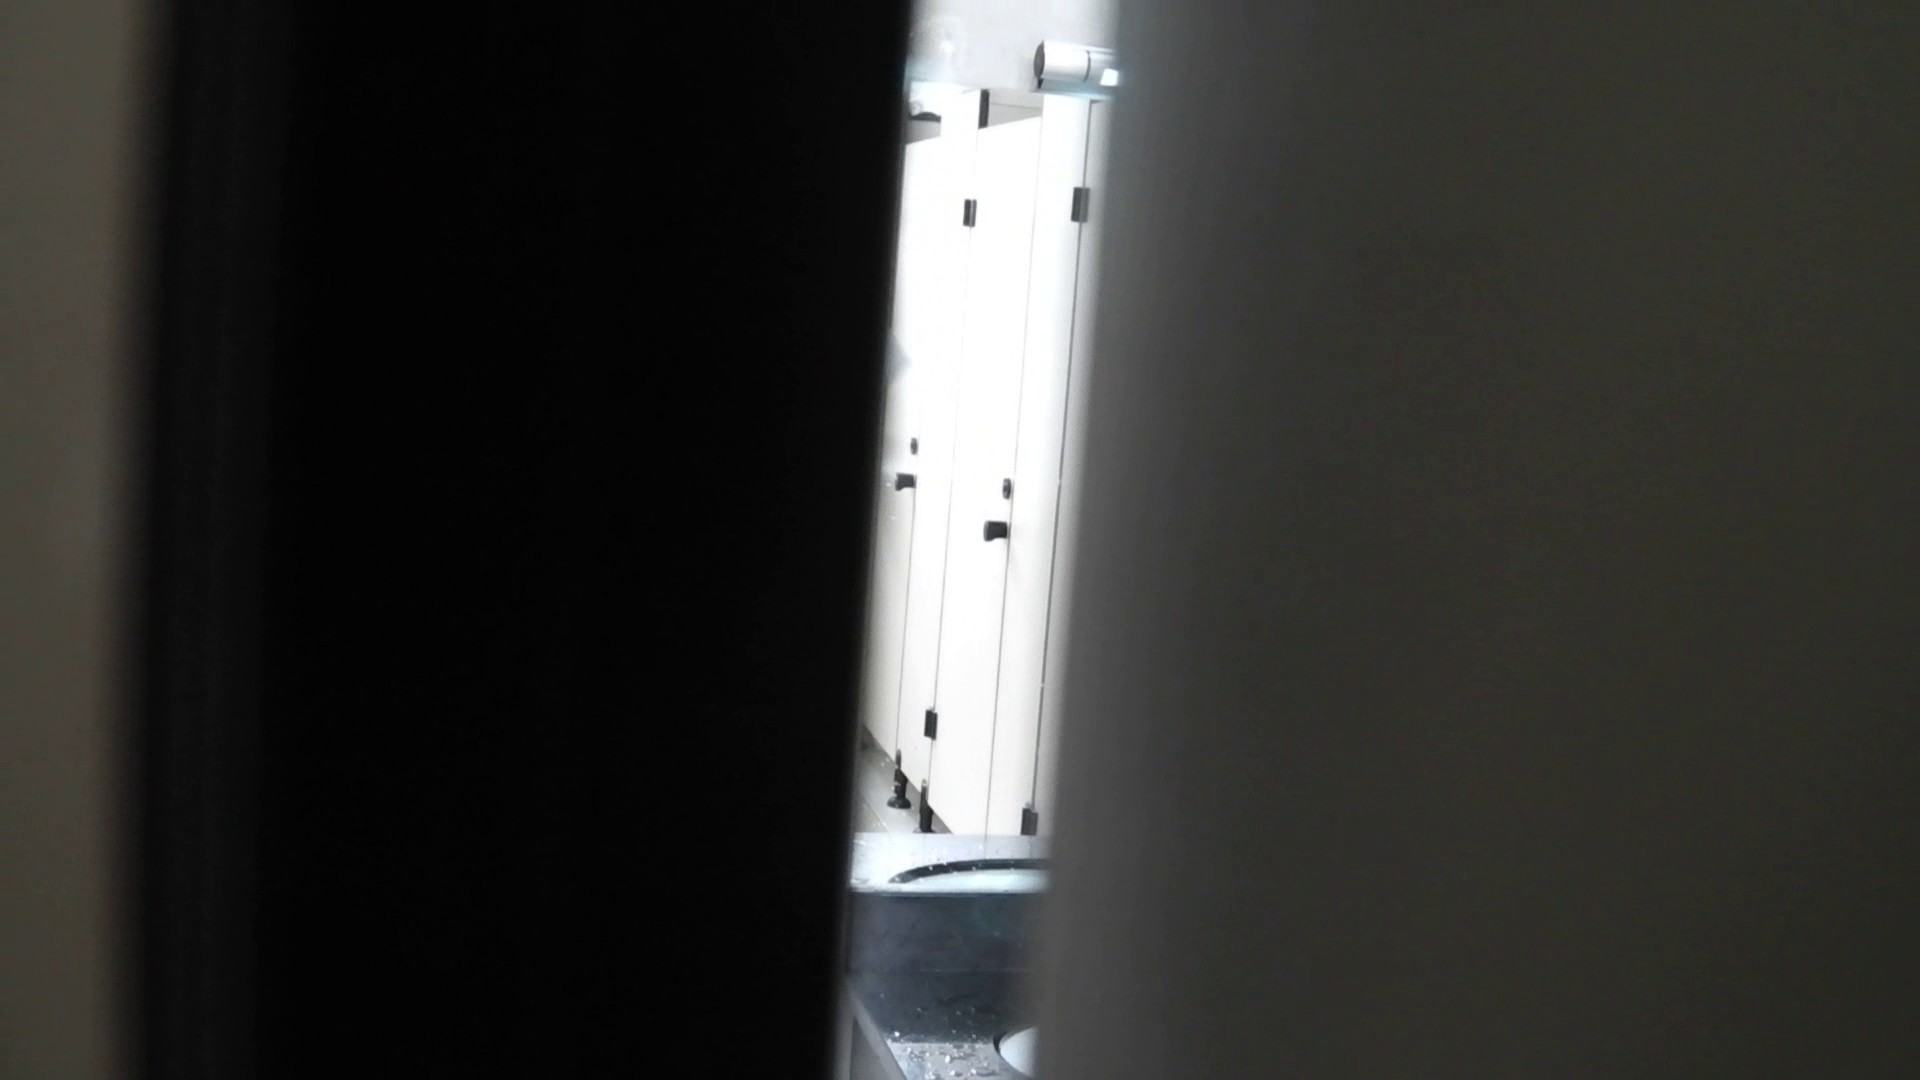 お市さんの「お尻丸出しジャンボリー」No.4 洗面所 われめAV動画紹介 104画像 43